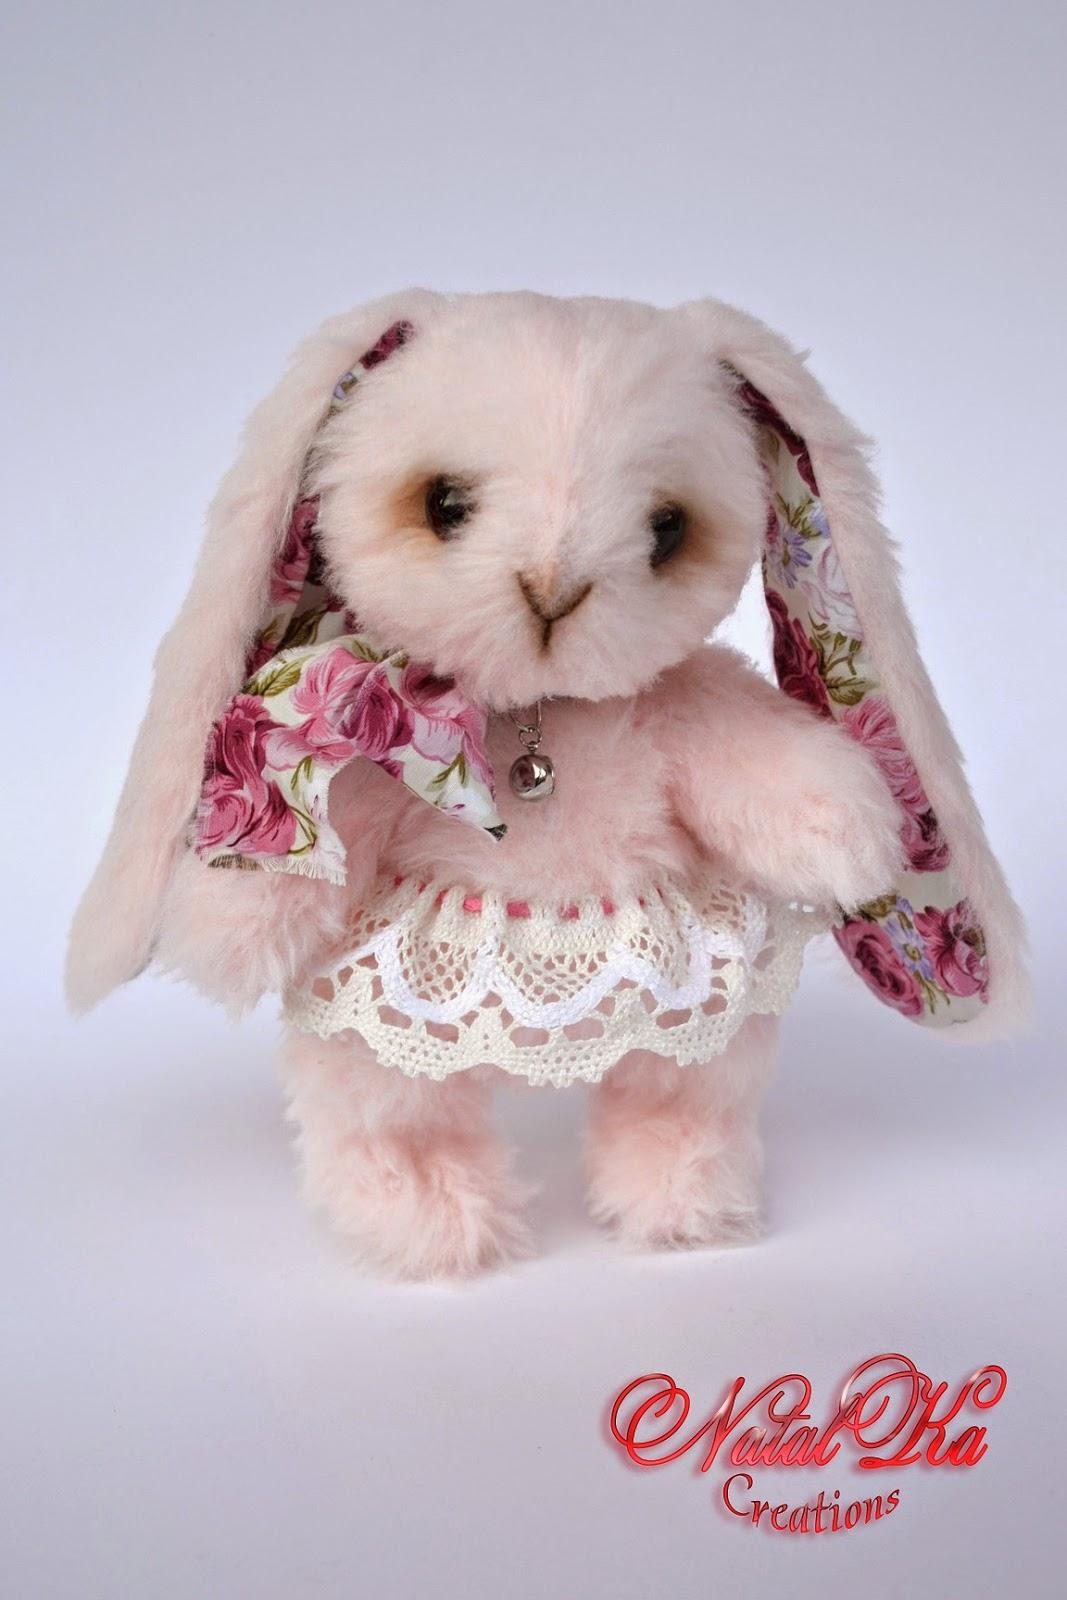 Teddy Hase handgemacht von NatalKa Creations. Artist teddy bunny handmade by Natalka Creations.